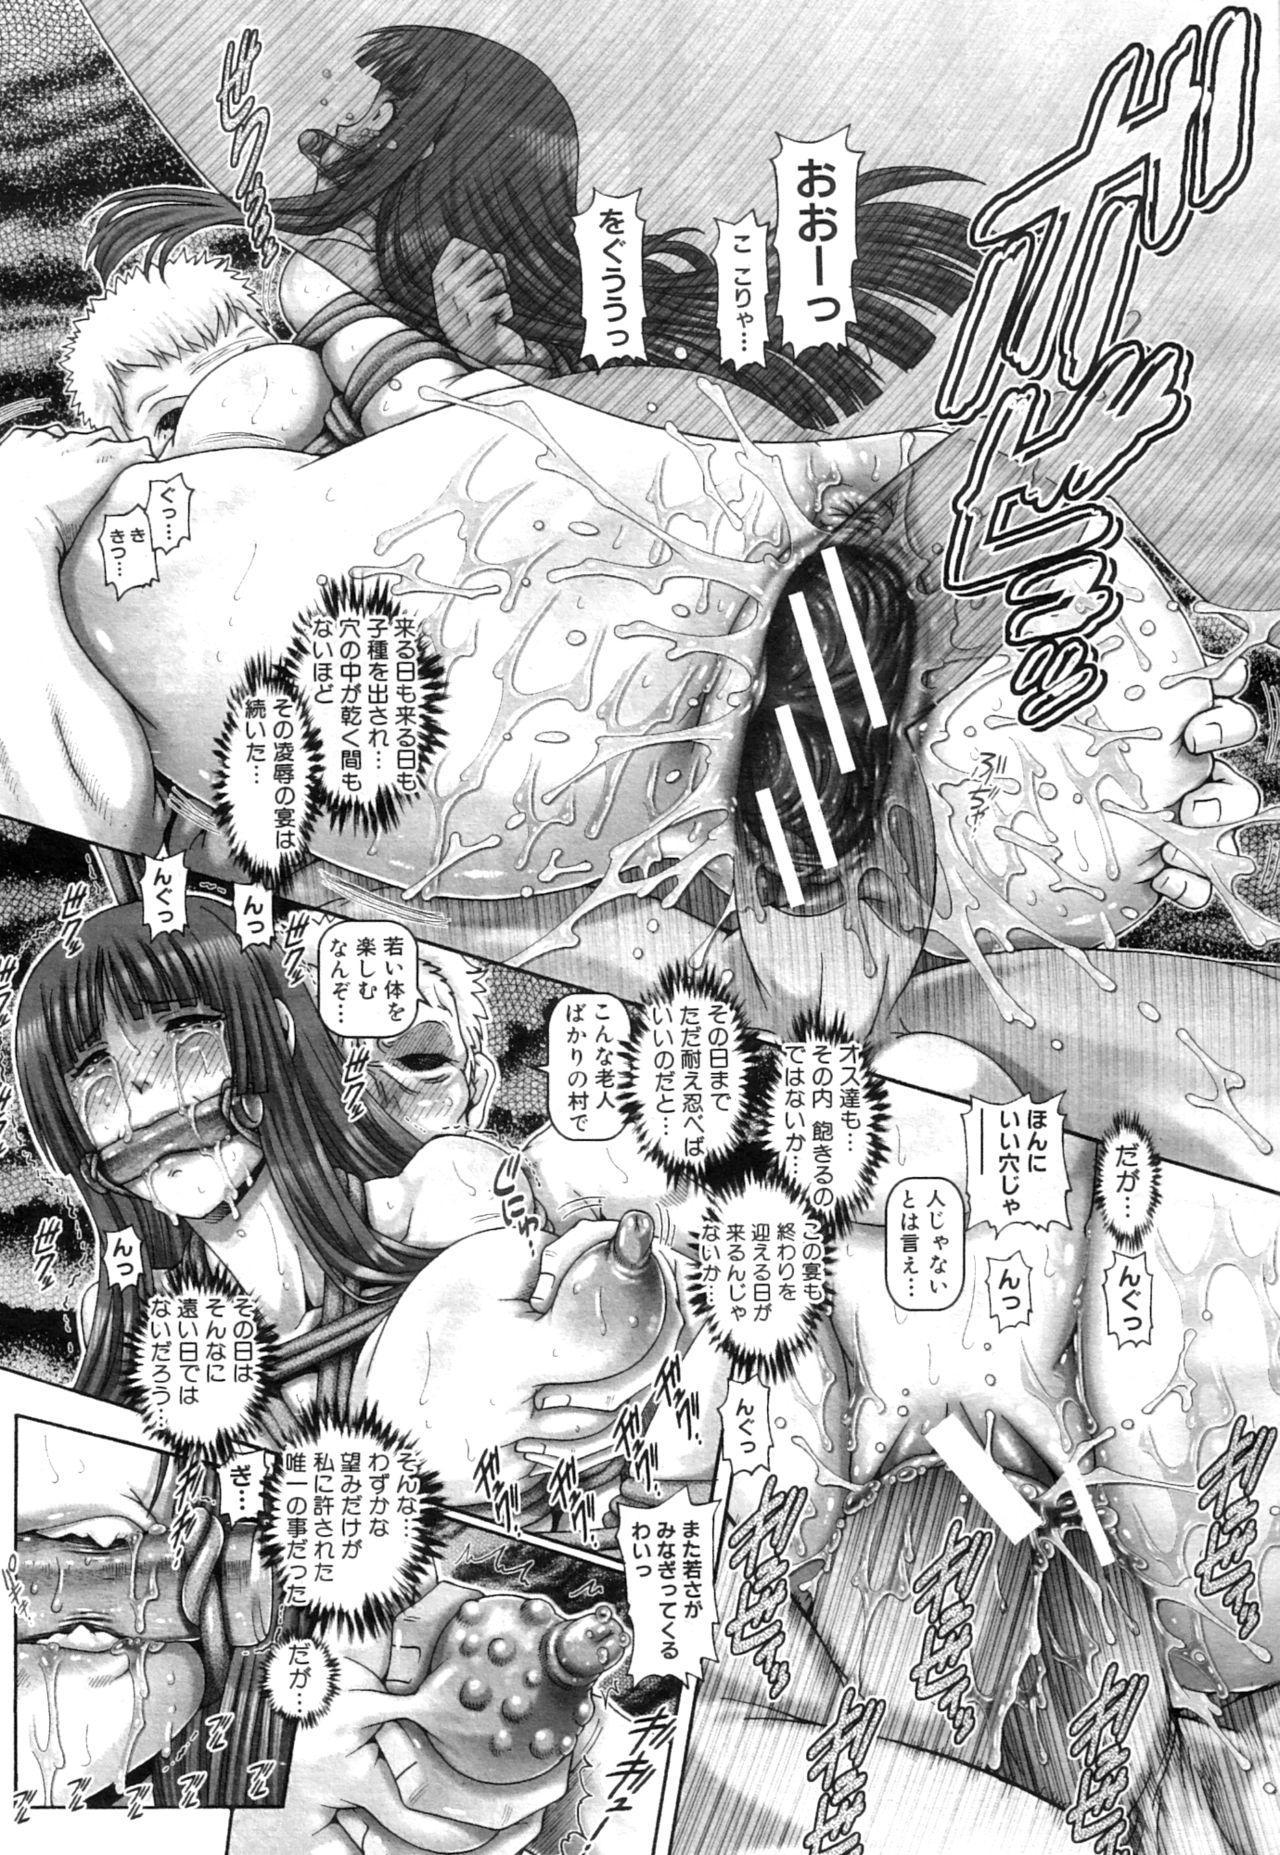 Ayakashiyakata no Tamahime 89